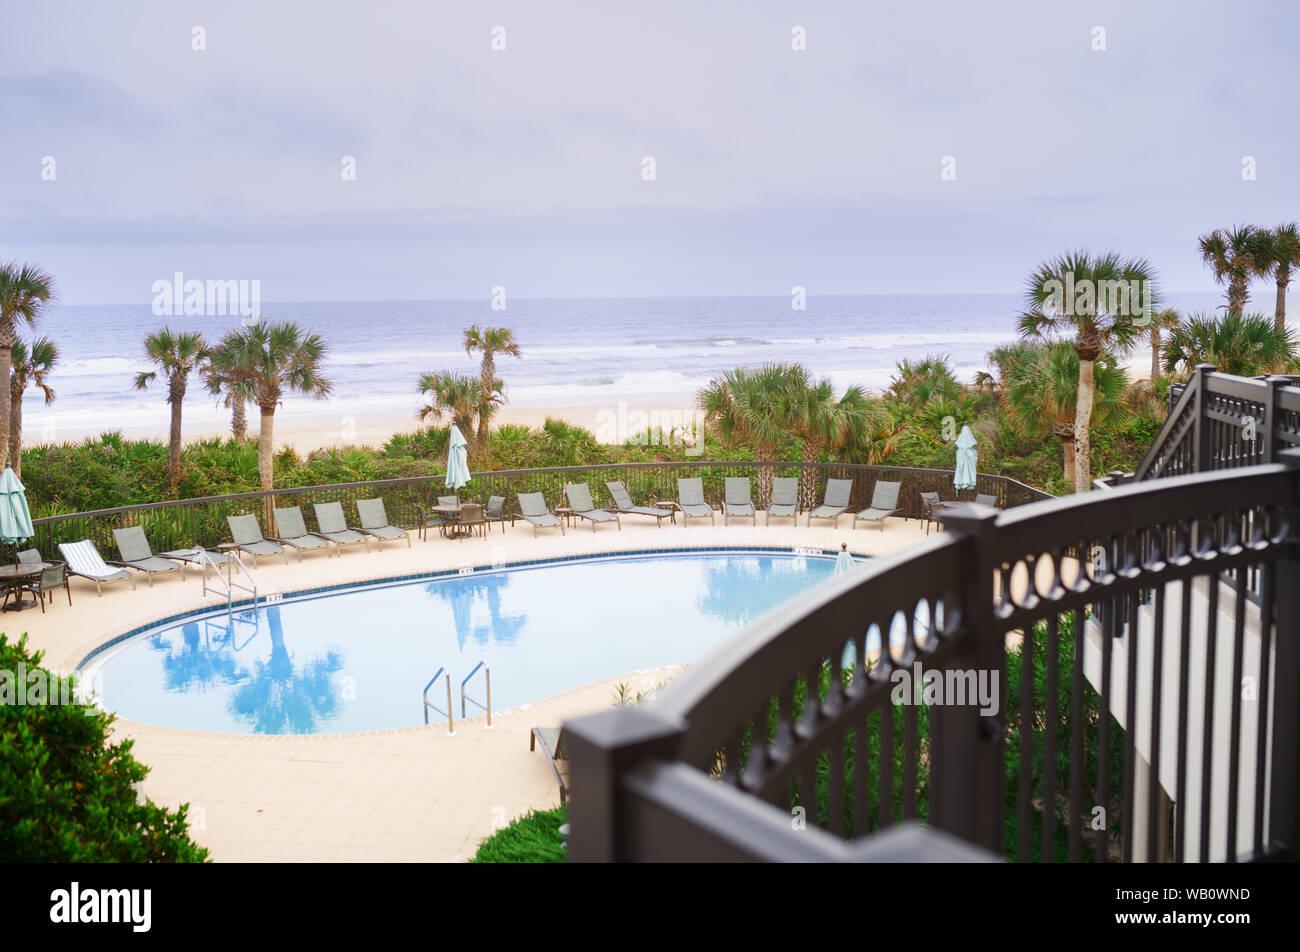 Swimming pool at the Atlantic Ocean Stock Photo